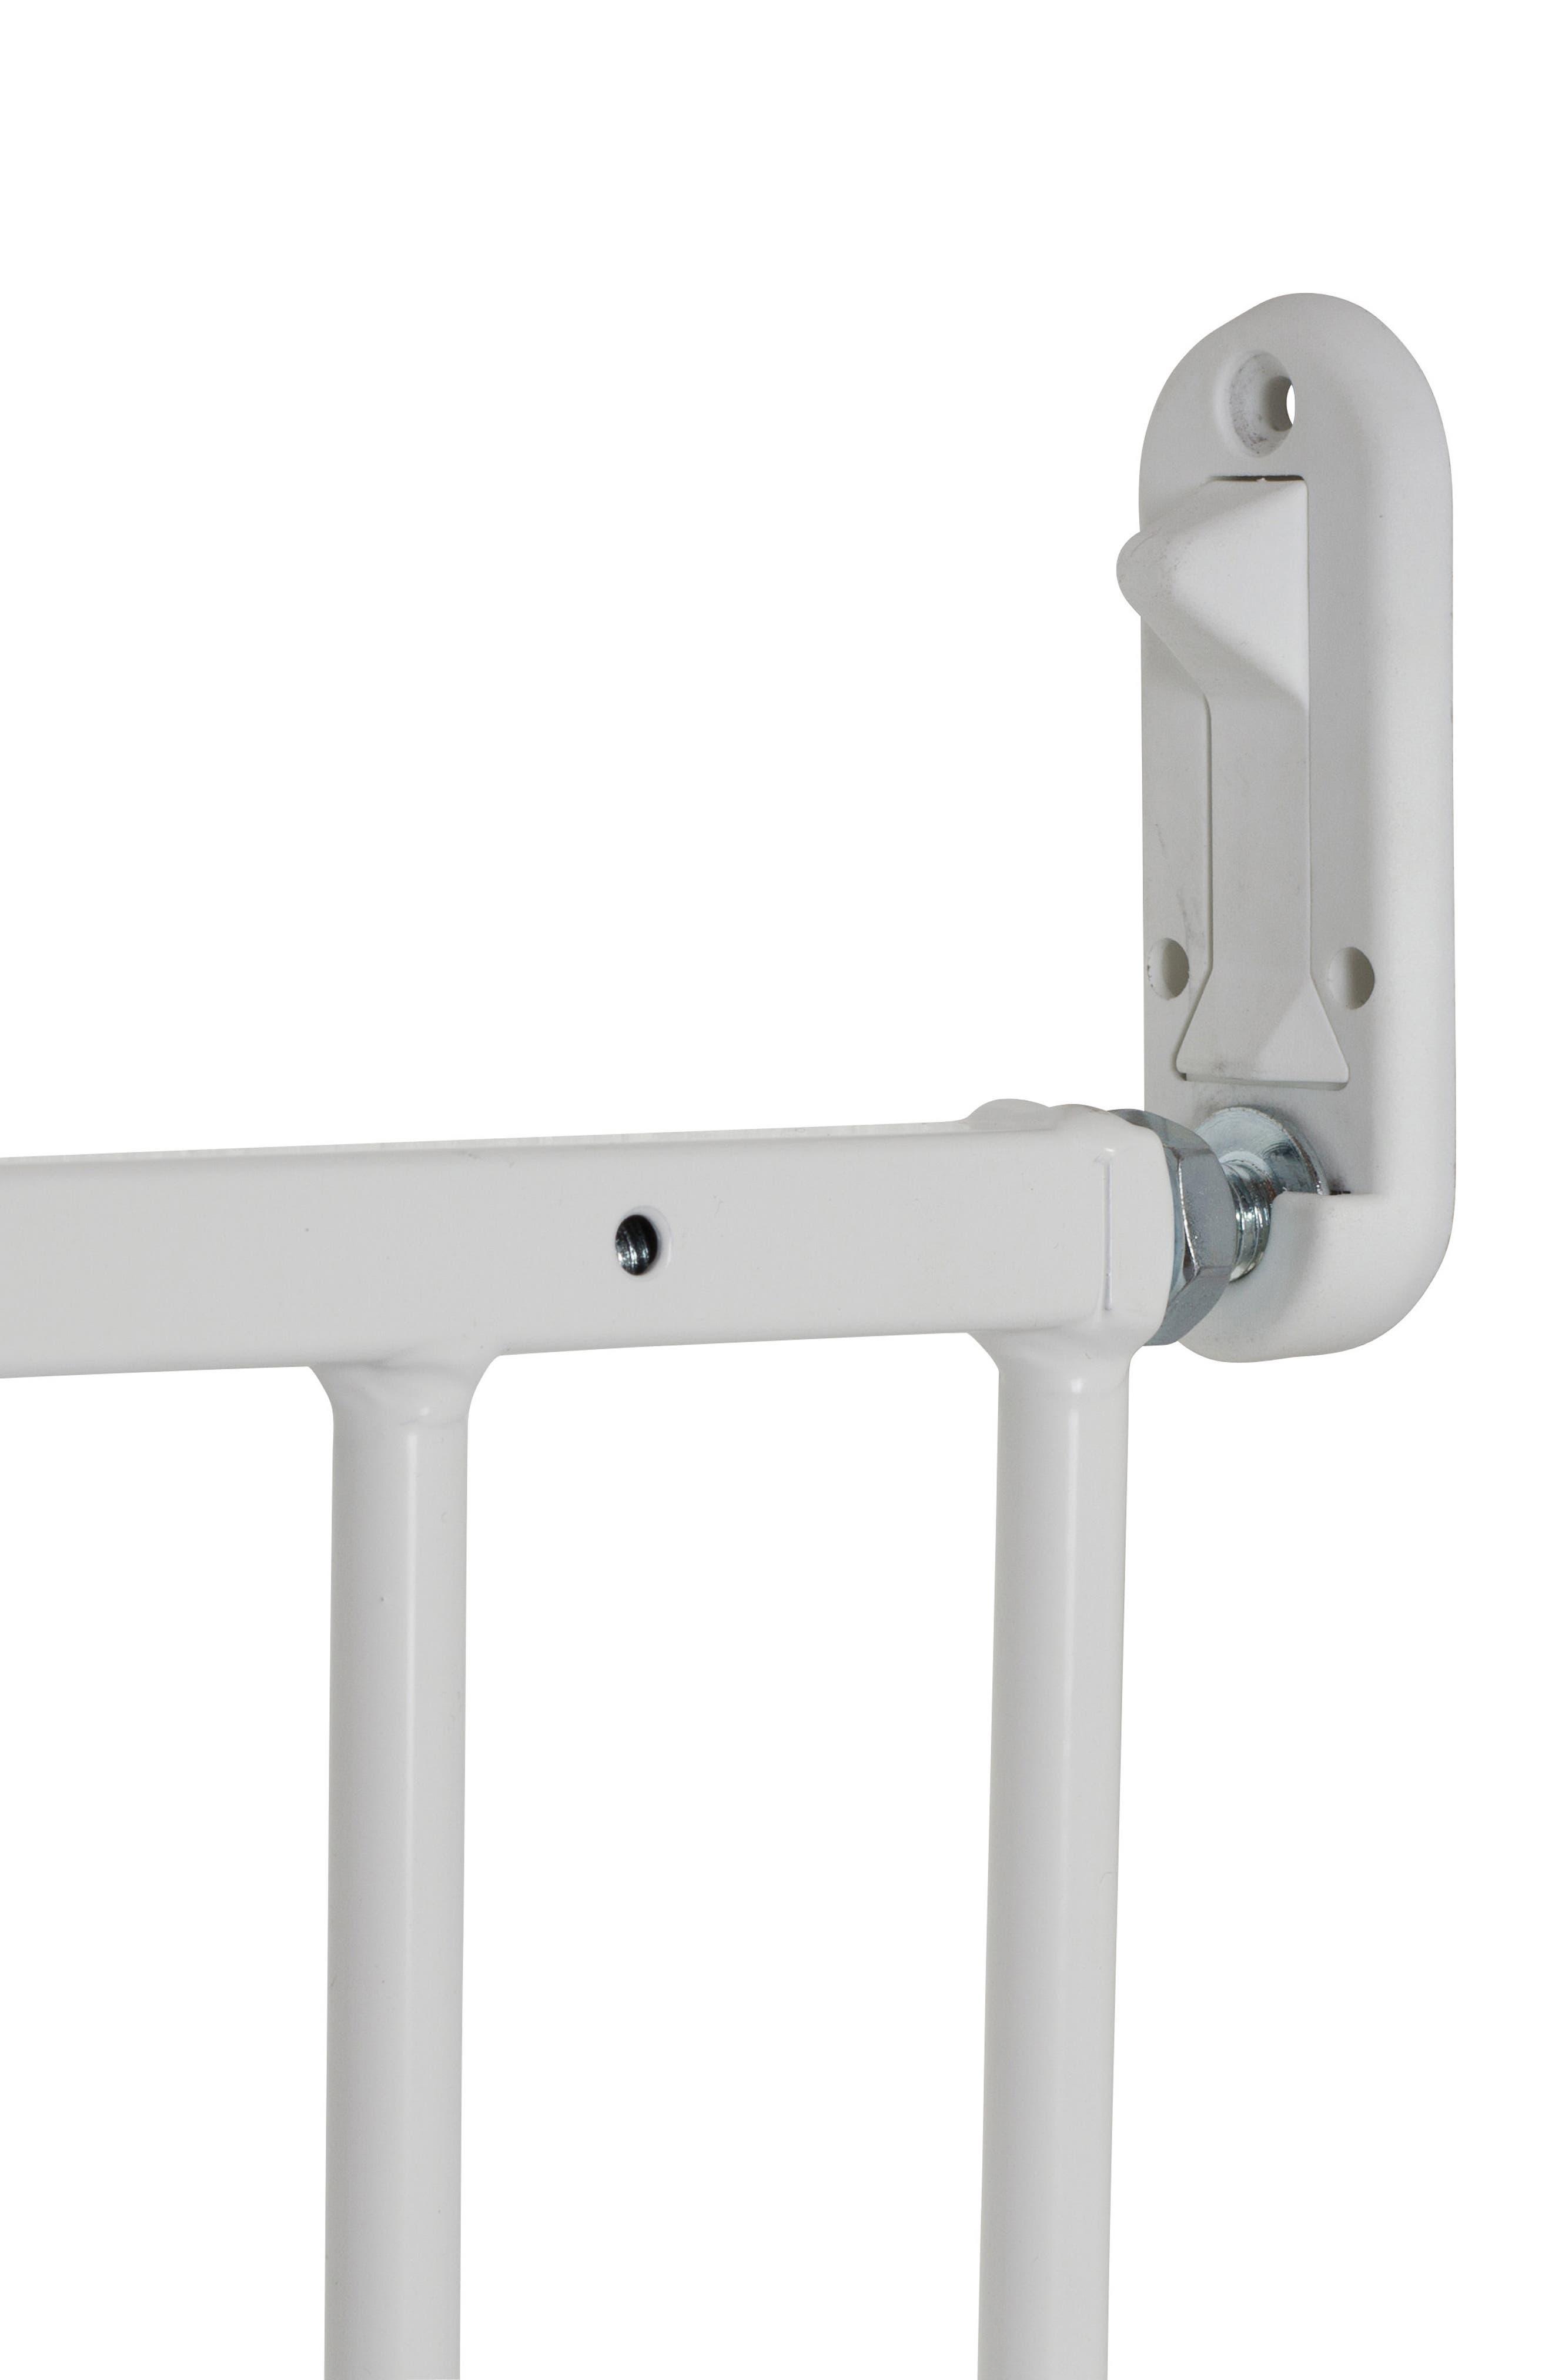 MultiDan Extending Hard Mount Metal Safety Gate,                             Alternate thumbnail 3, color,                             White